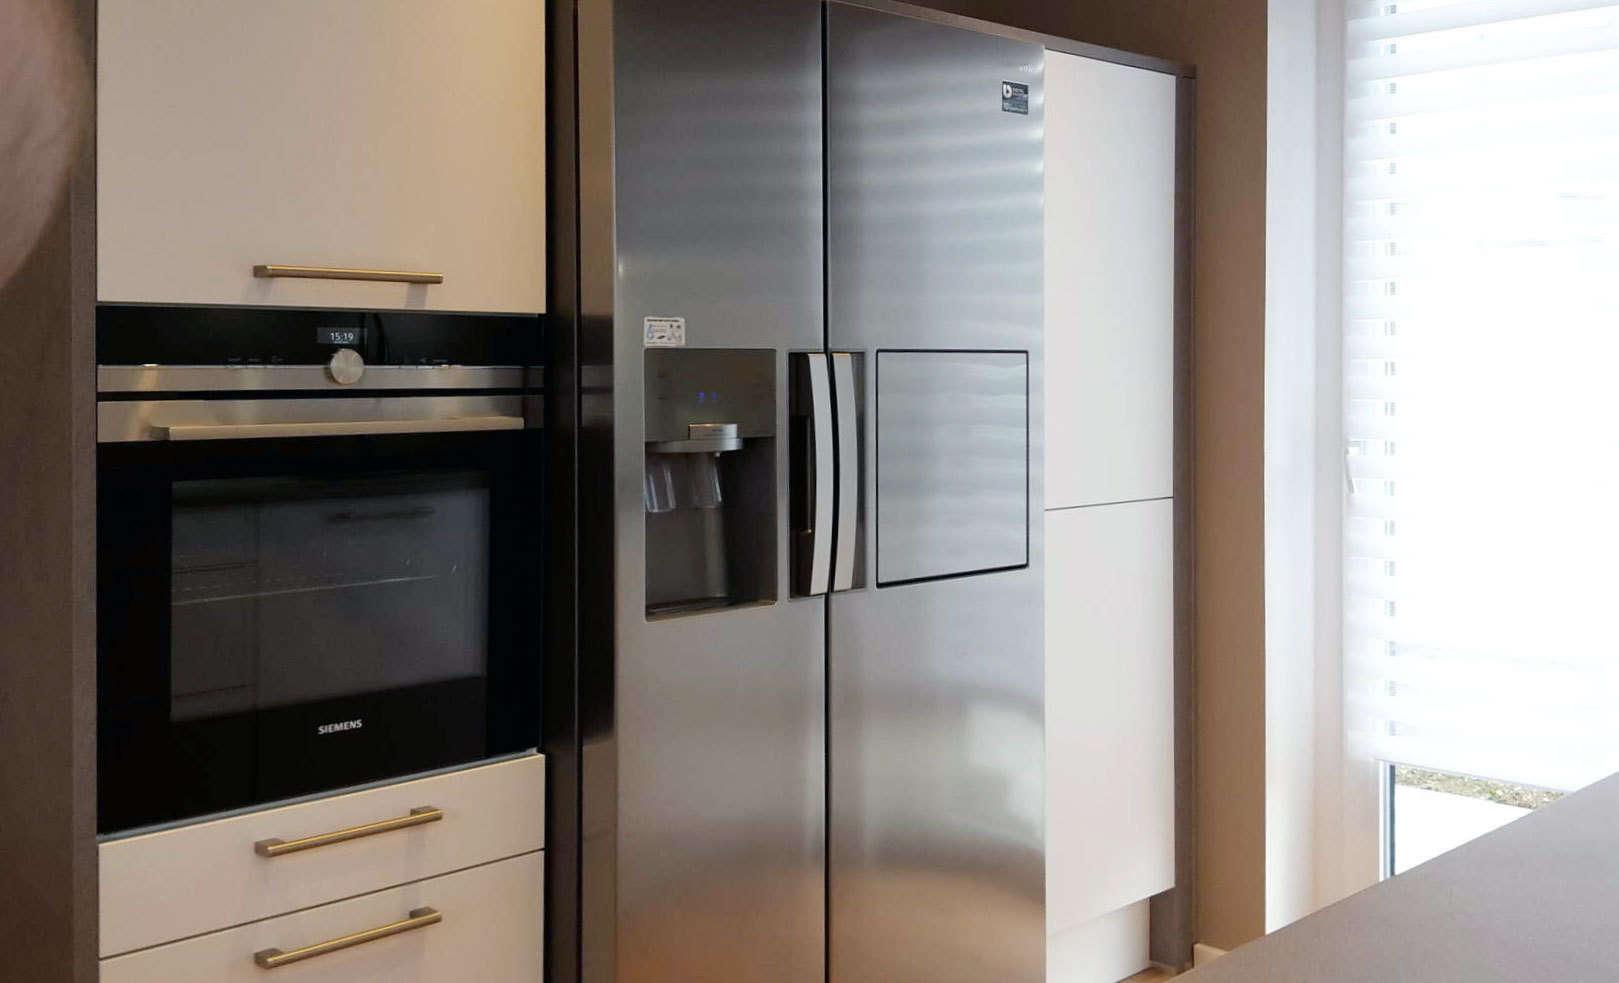 k che mit integriertem side by side vom k chenstudio blank k chen blank ihr k chenstudio in. Black Bedroom Furniture Sets. Home Design Ideas